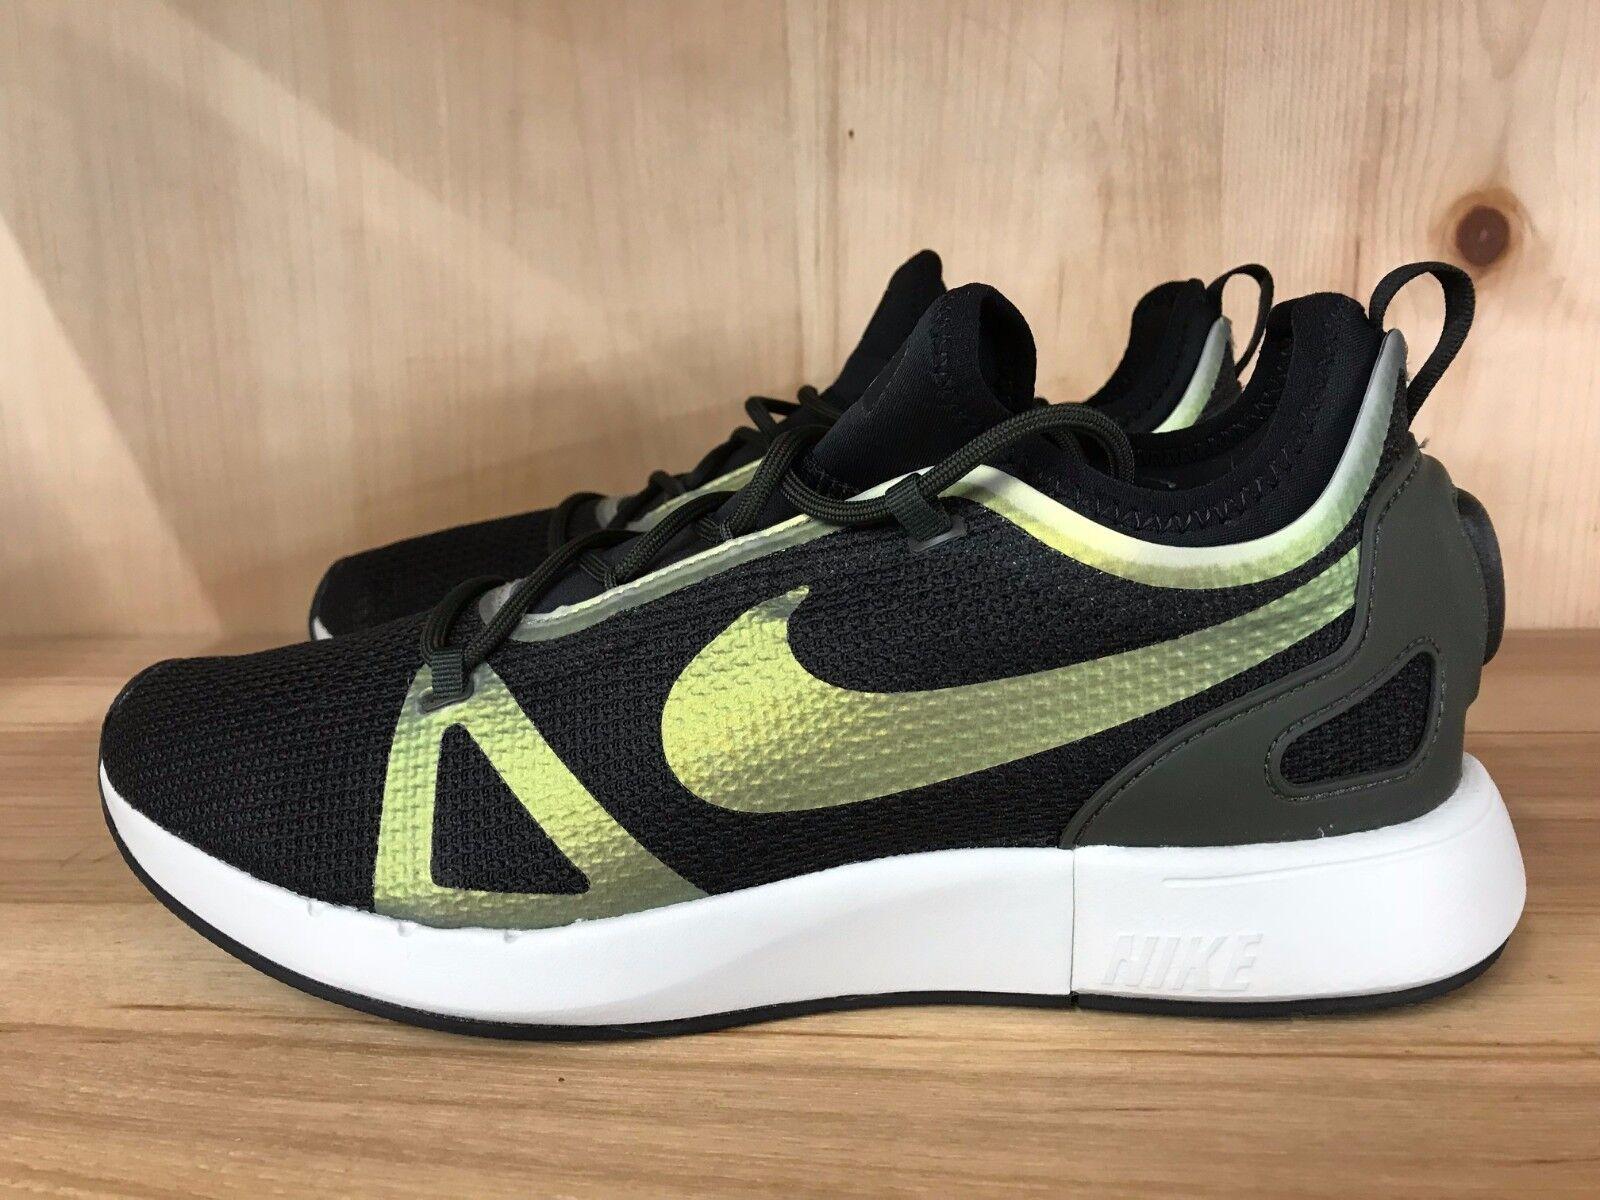 Nike duello racer nero sequoia osso roshe huarache presto sz gli 8 e i 13 918228-012